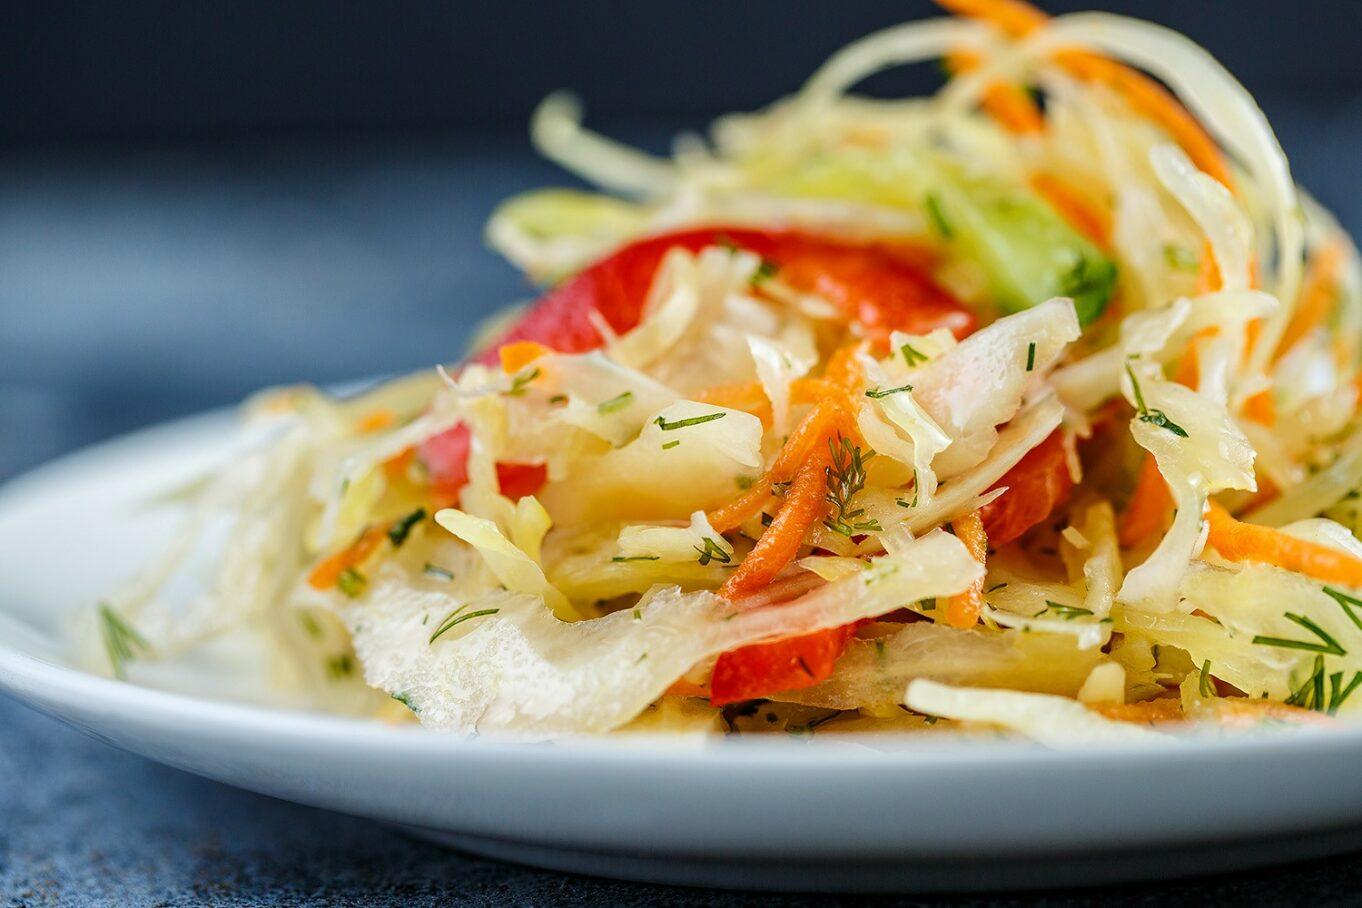 Скайпе перевернута, картинка салат витаминный с капустой